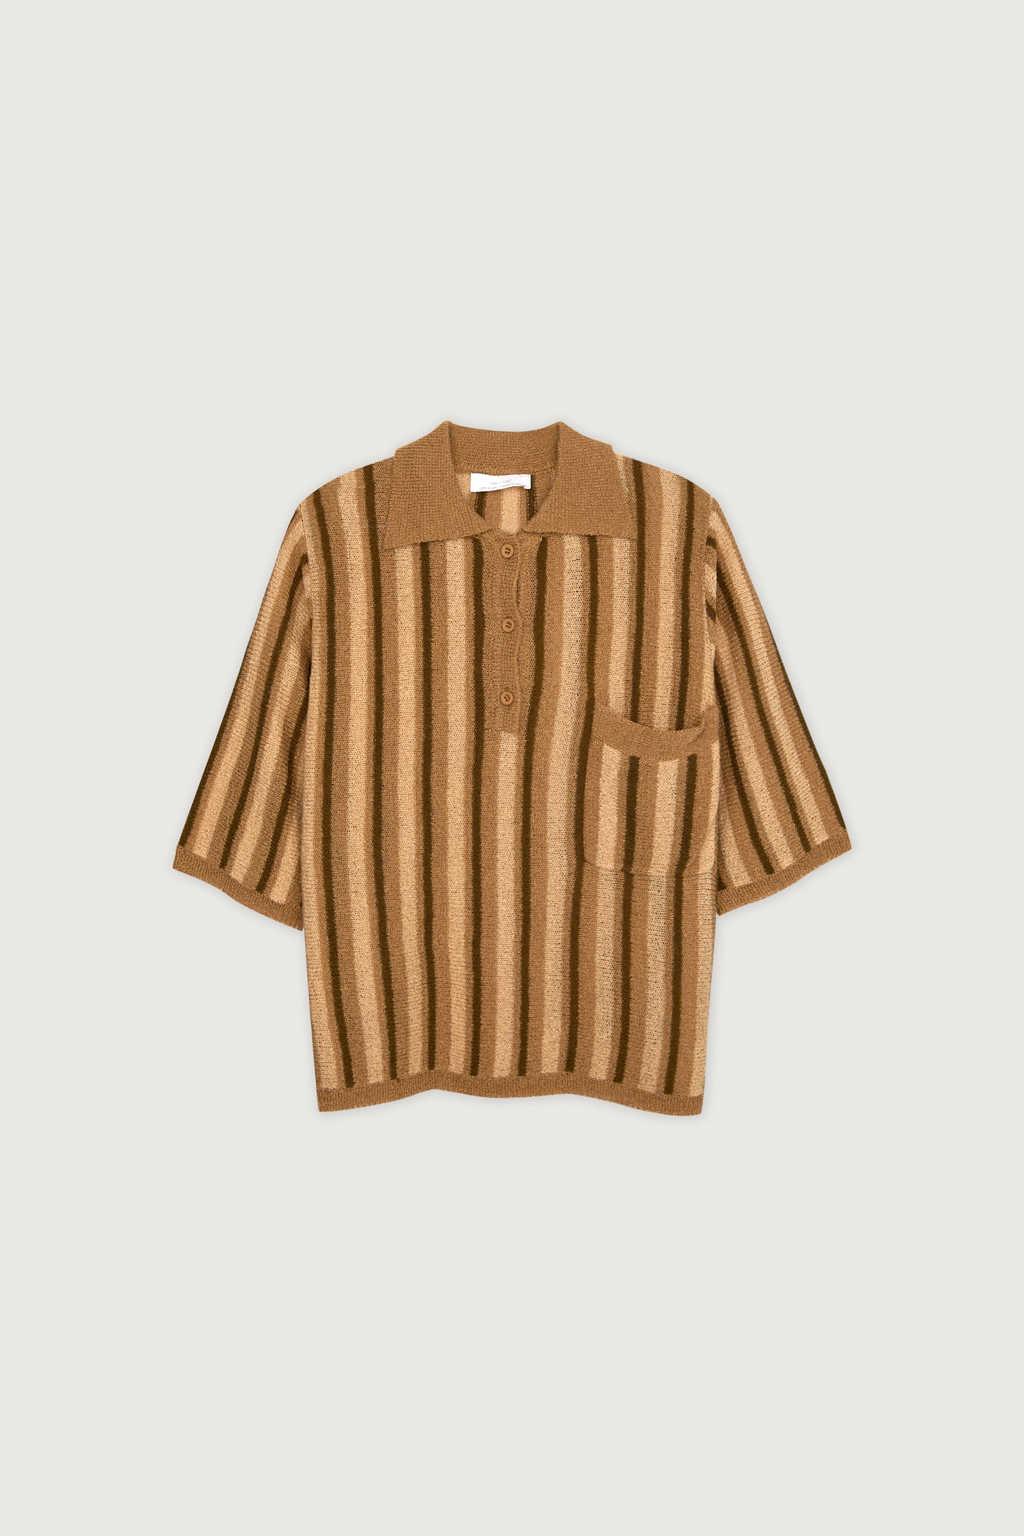 Sweater 3187 Beige Stripe 6